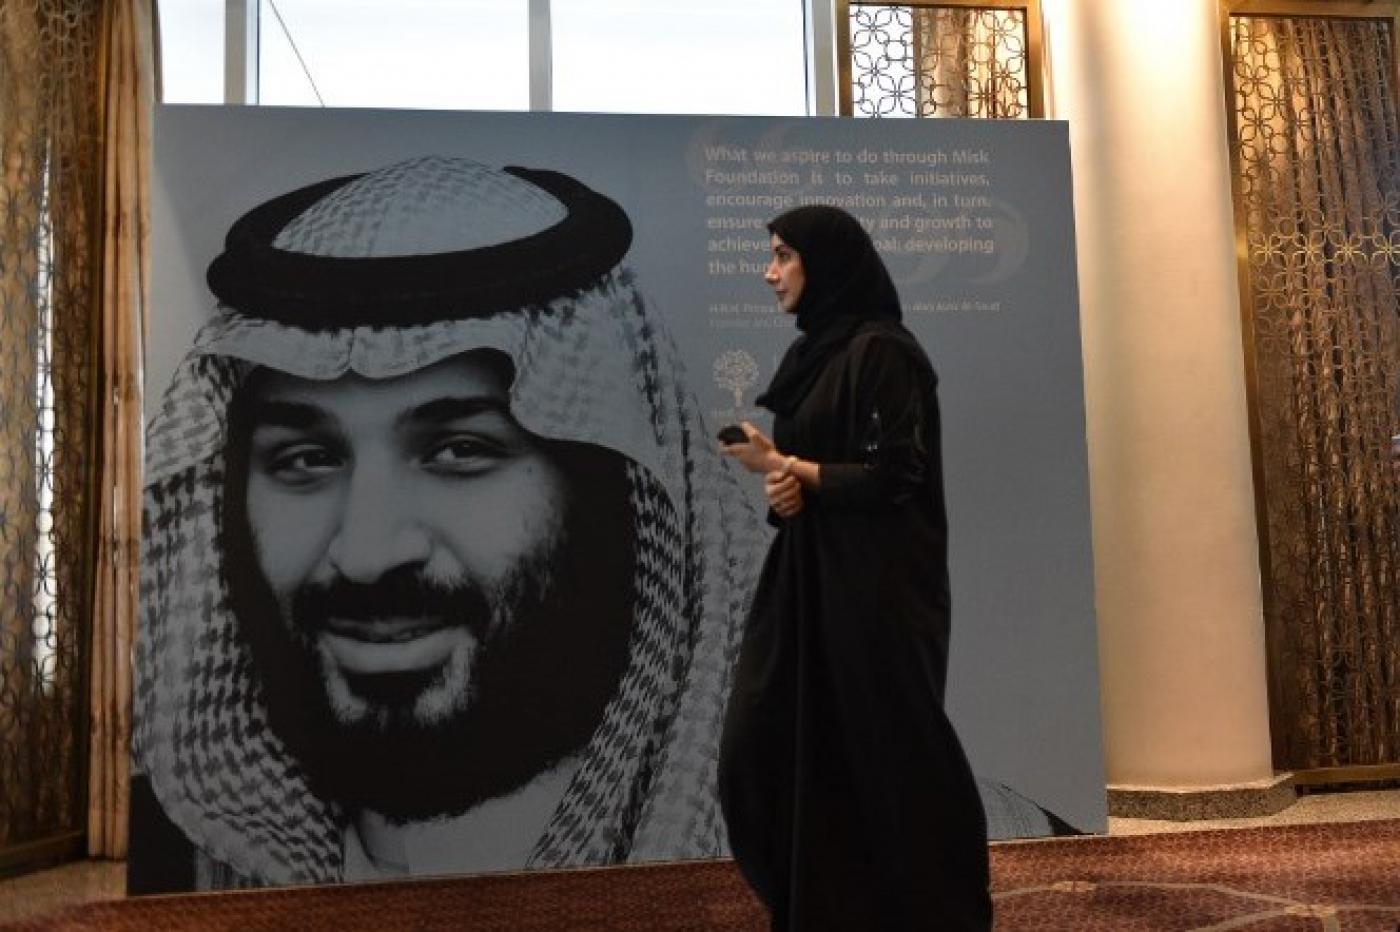 ردیابی و شکار زنان و دختران فراری عربستان سعودی با استفاده از شماره سریال تلفن همراه